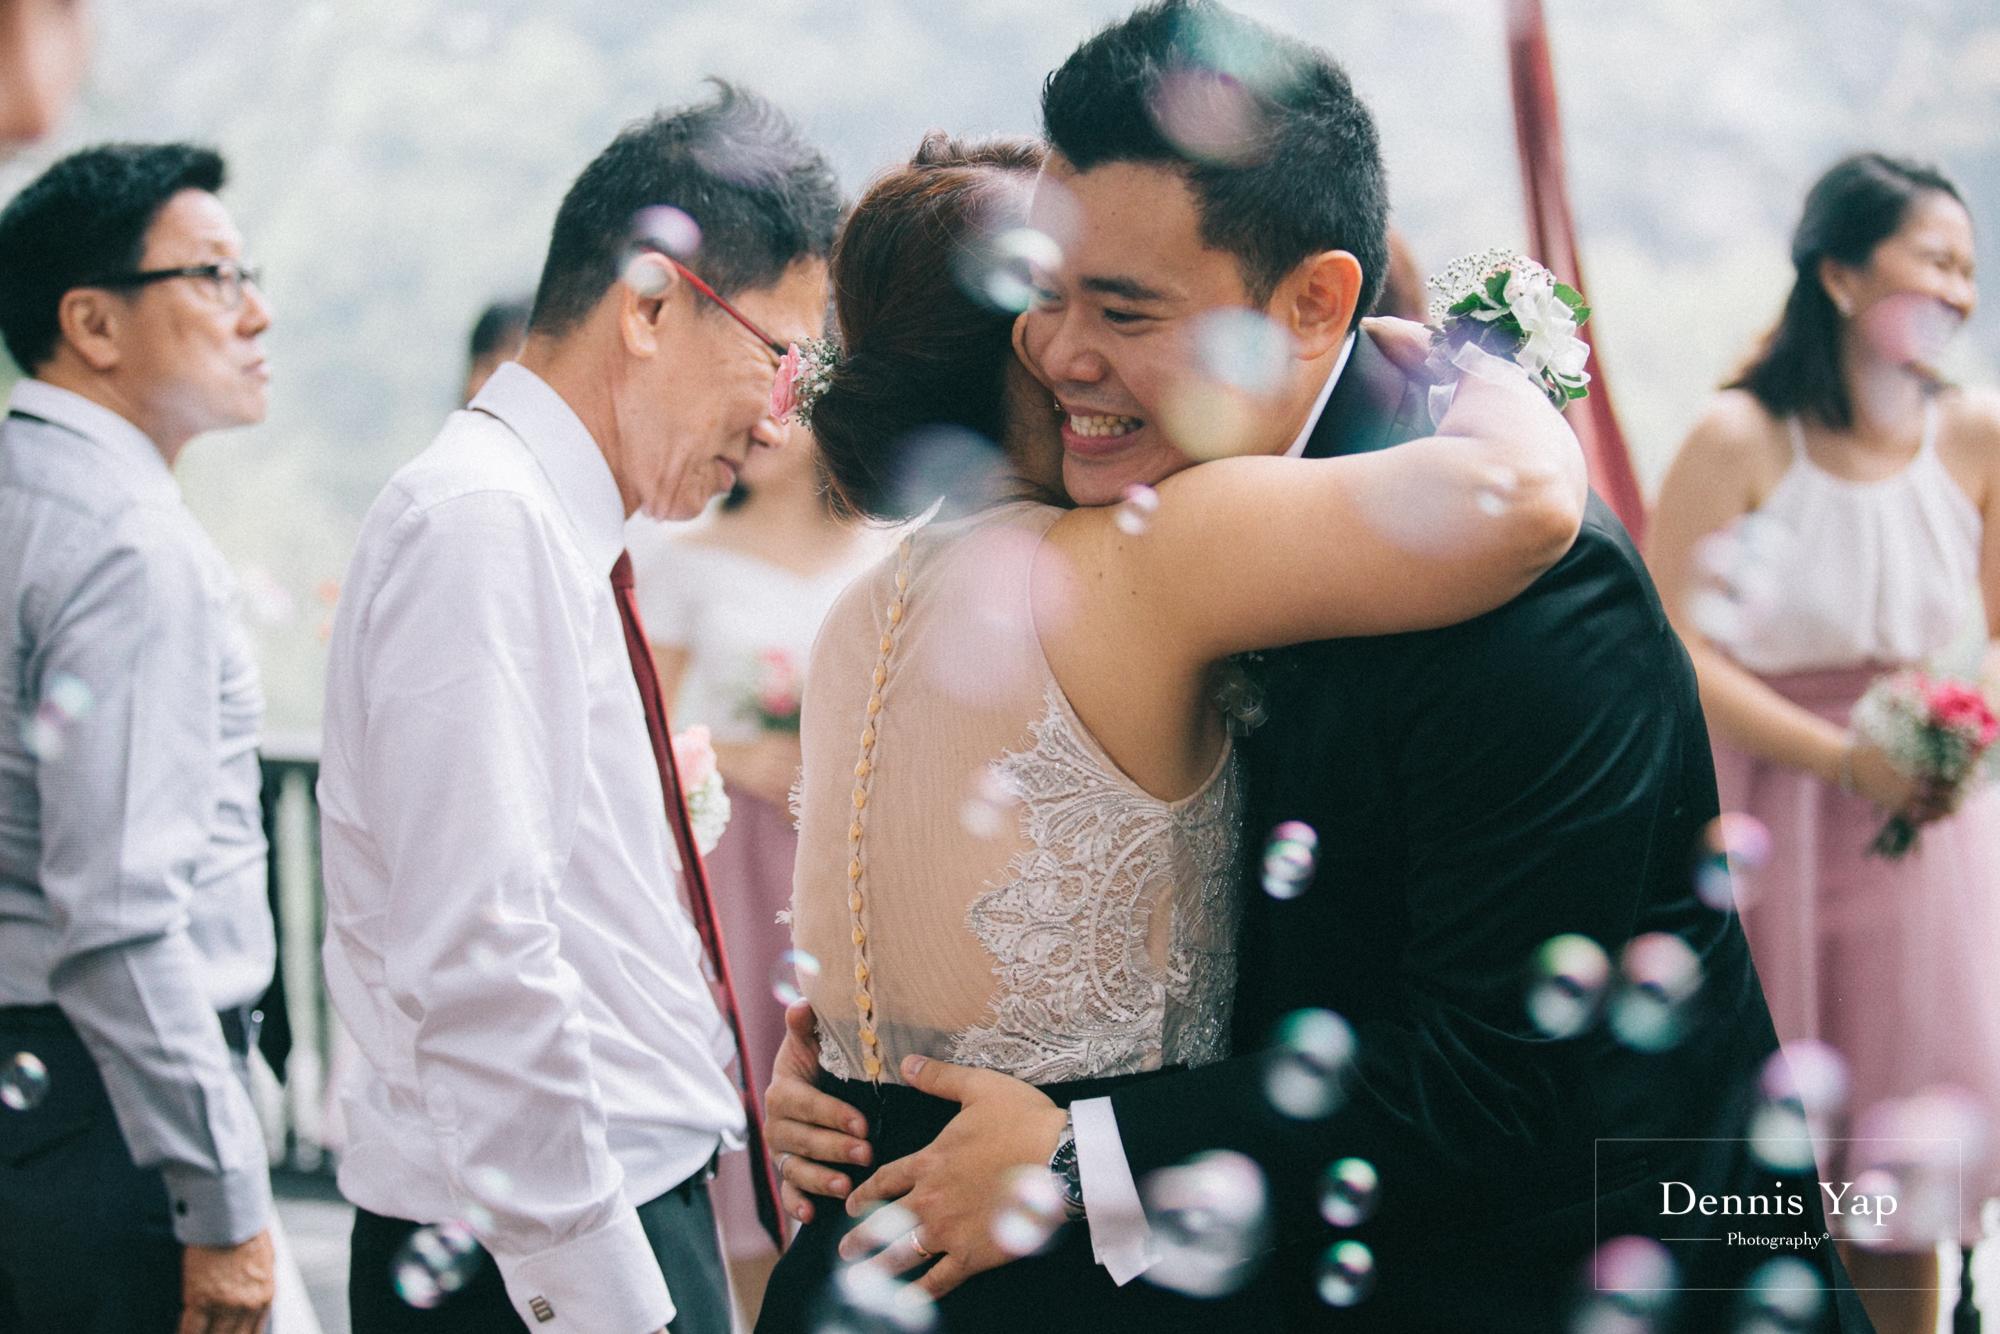 jason su lin rom registration gita bayu serdang wedding reception ceremony dennis yap photography fog malaysia-26.jpg